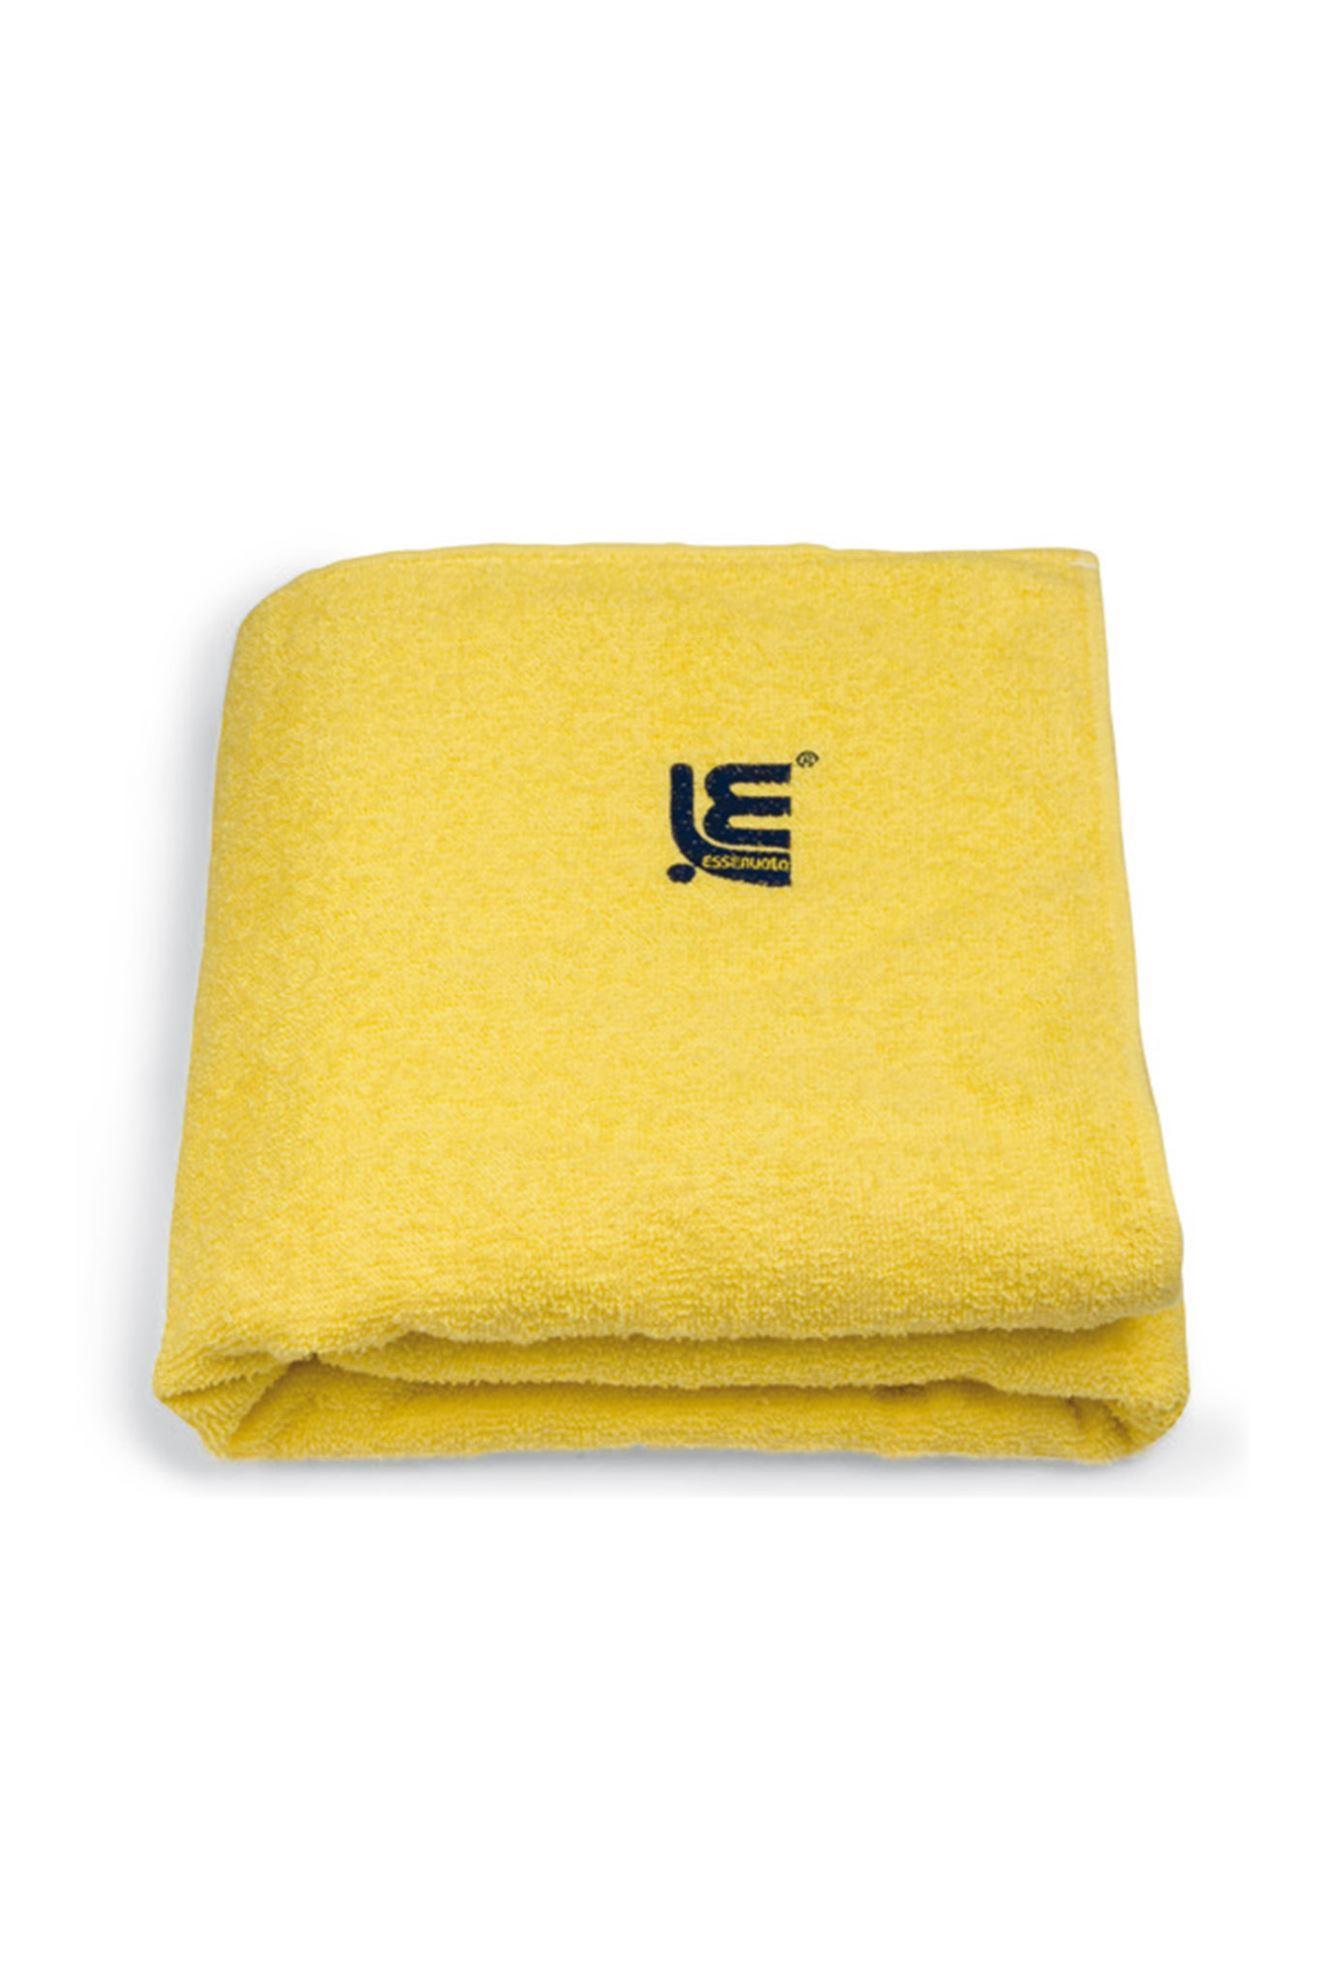 204001 MAXI PLAIN COLOUR TOWEL YELLOW 70X150 CM